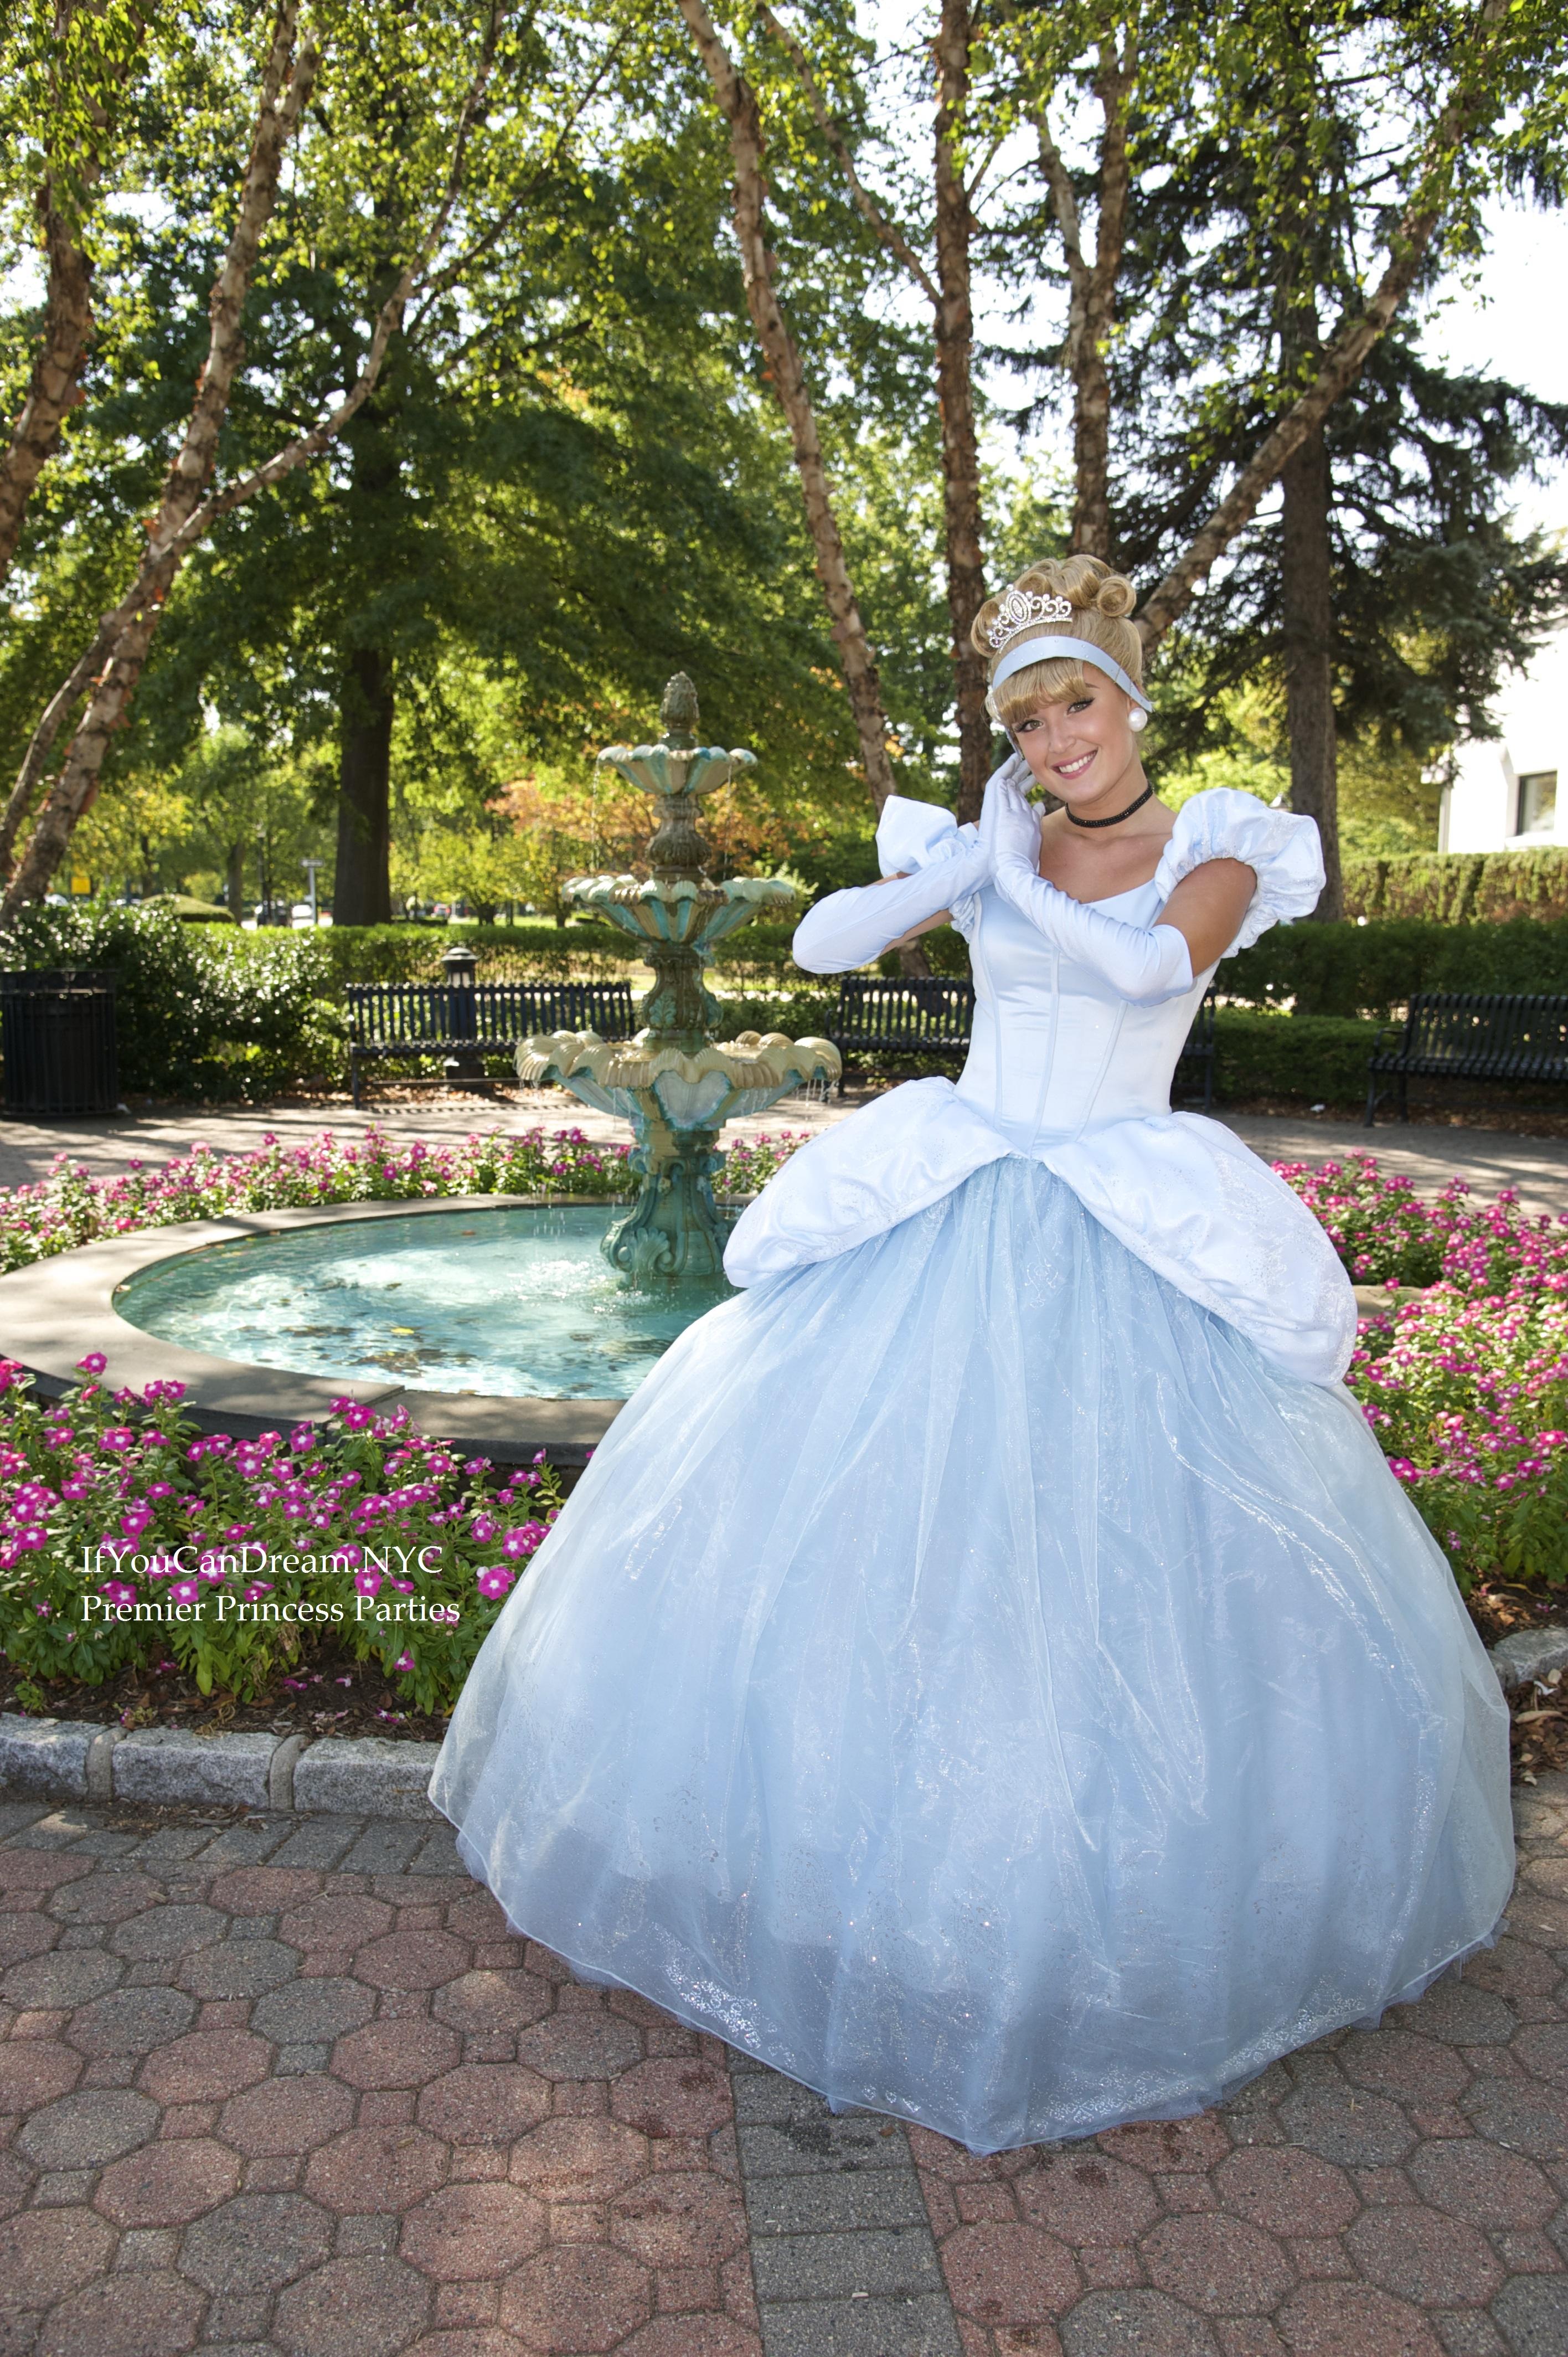 Royal Ball Princess